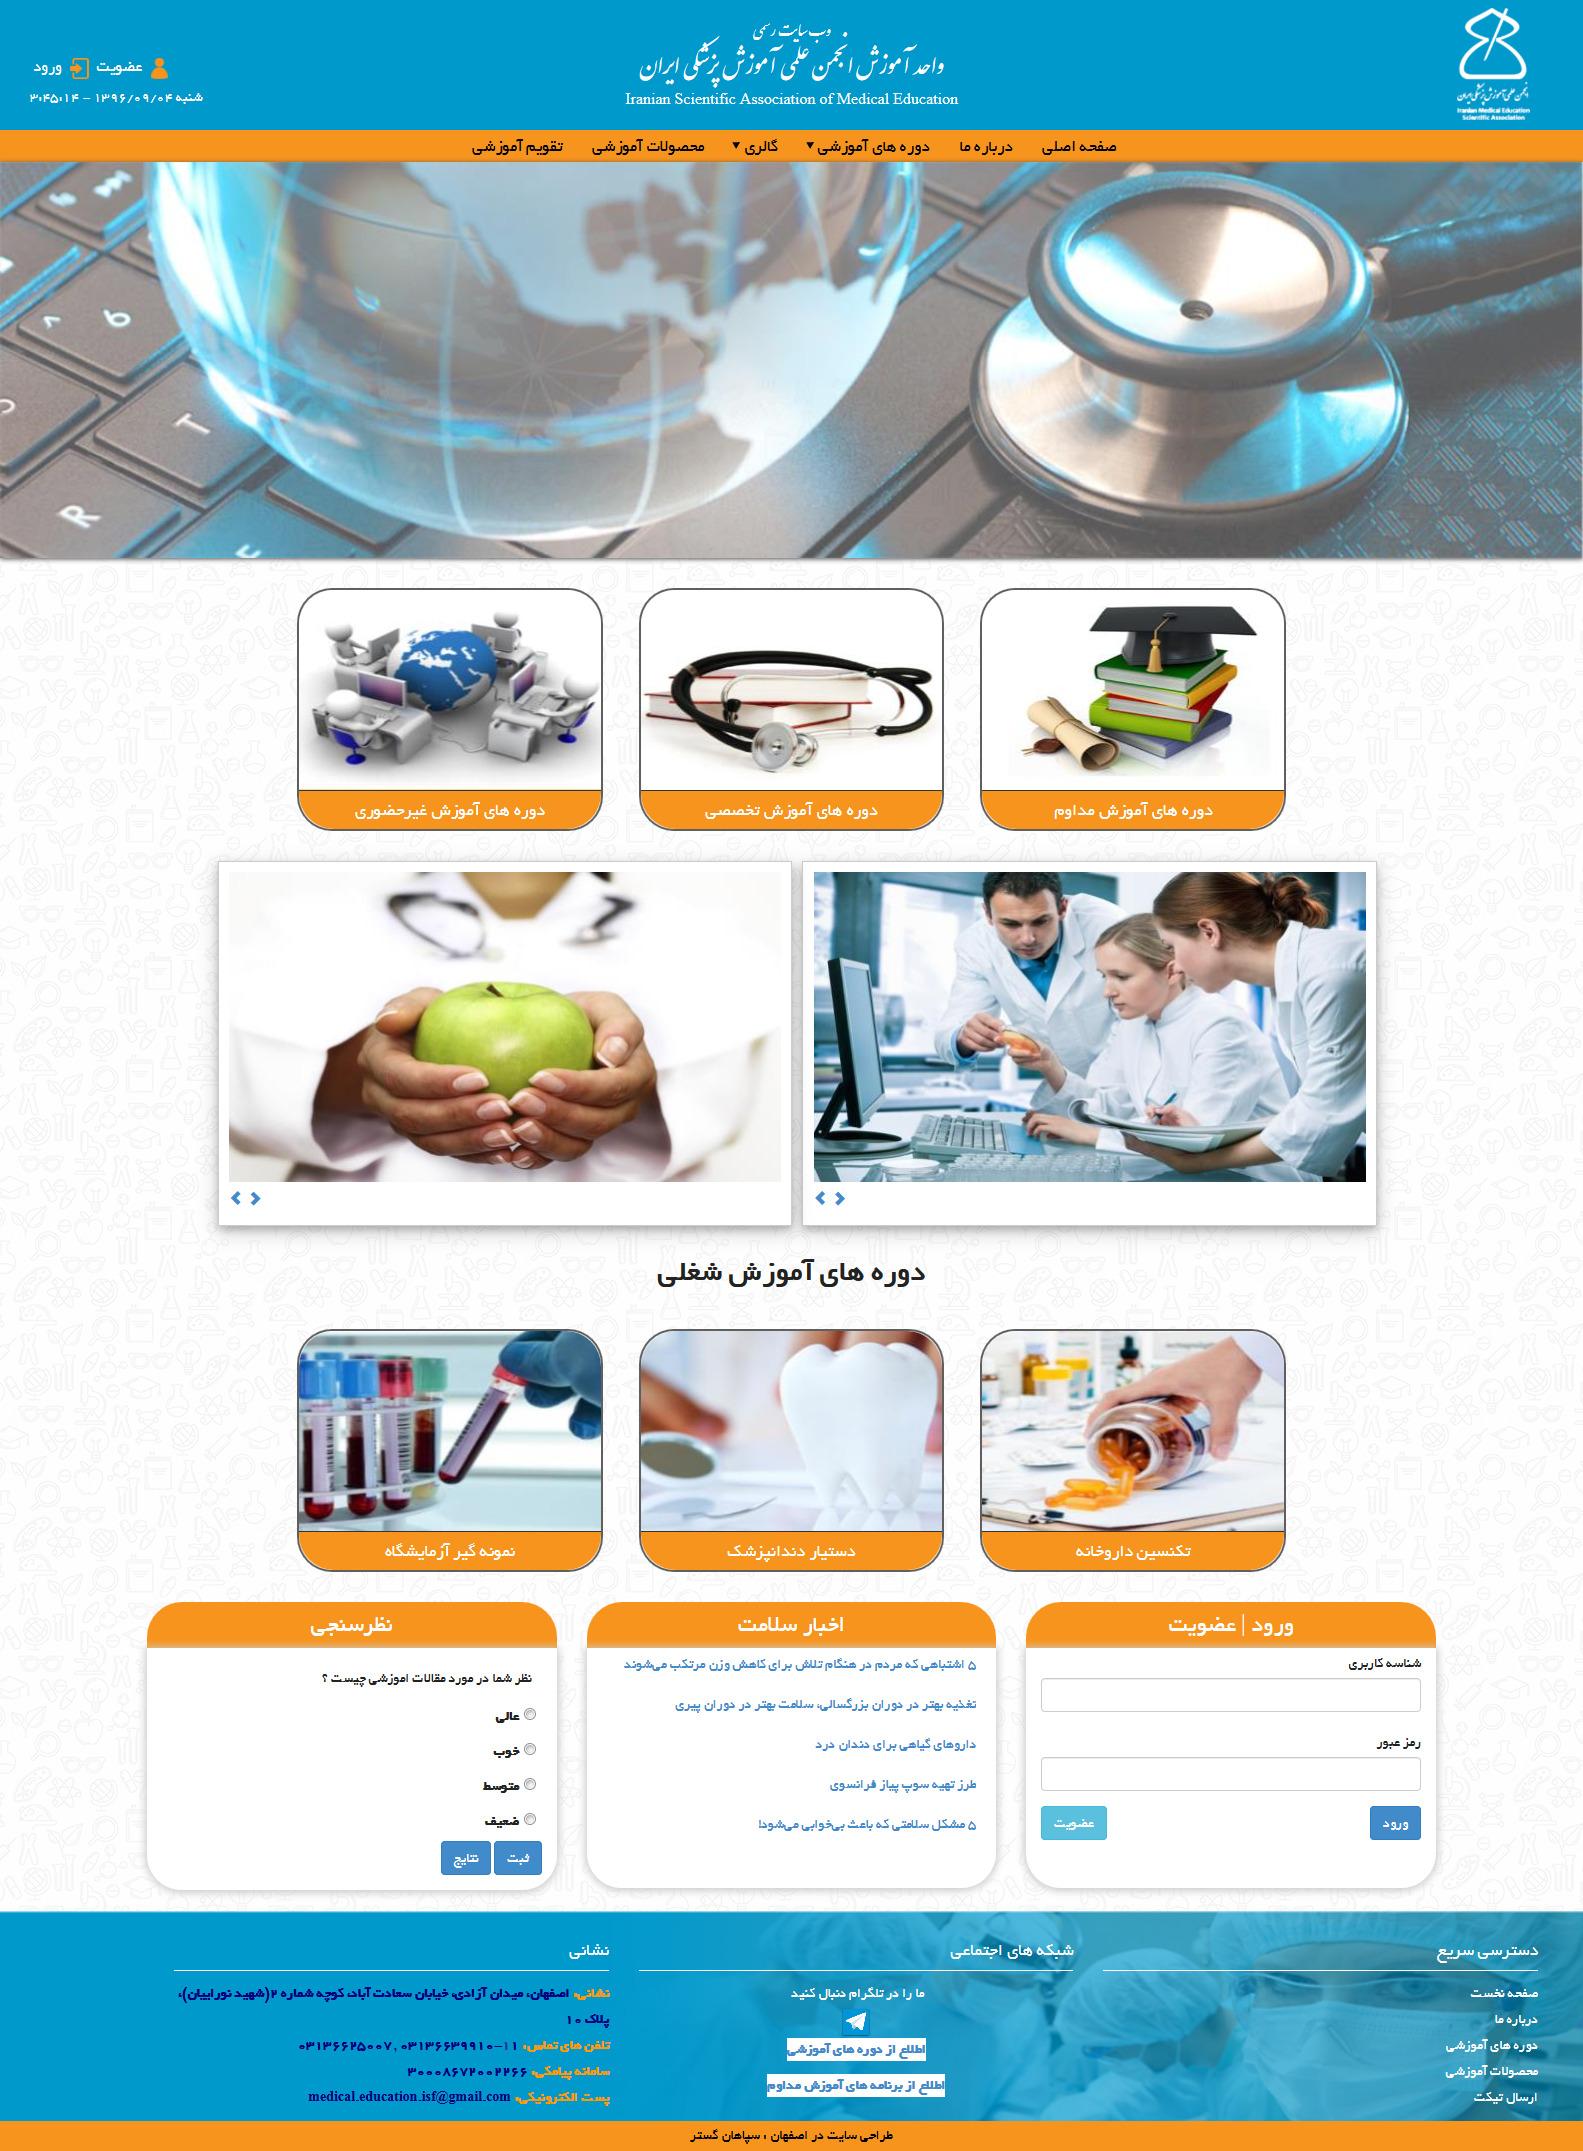 واحد آموزش انجمن علمی آموزش پزشکی ایران